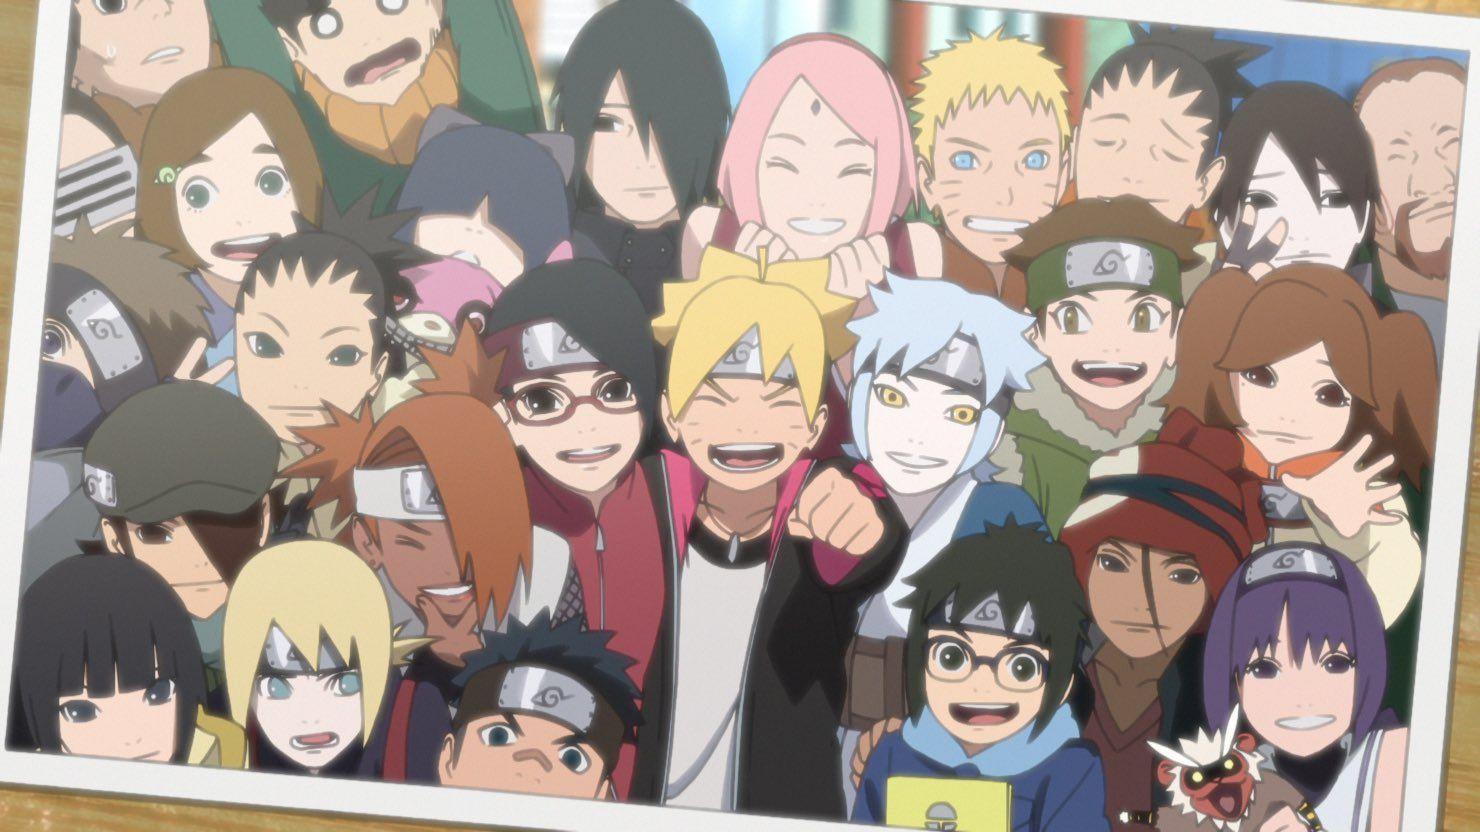 Wallpaper Keren Naruto Dan Boruto Boruto Naruto Next Generations Boruto Club Wallpaper 33 Momoshiki ōtsutsu Naruto Sasuke Sakura Anime Naruto Shippuden Anime